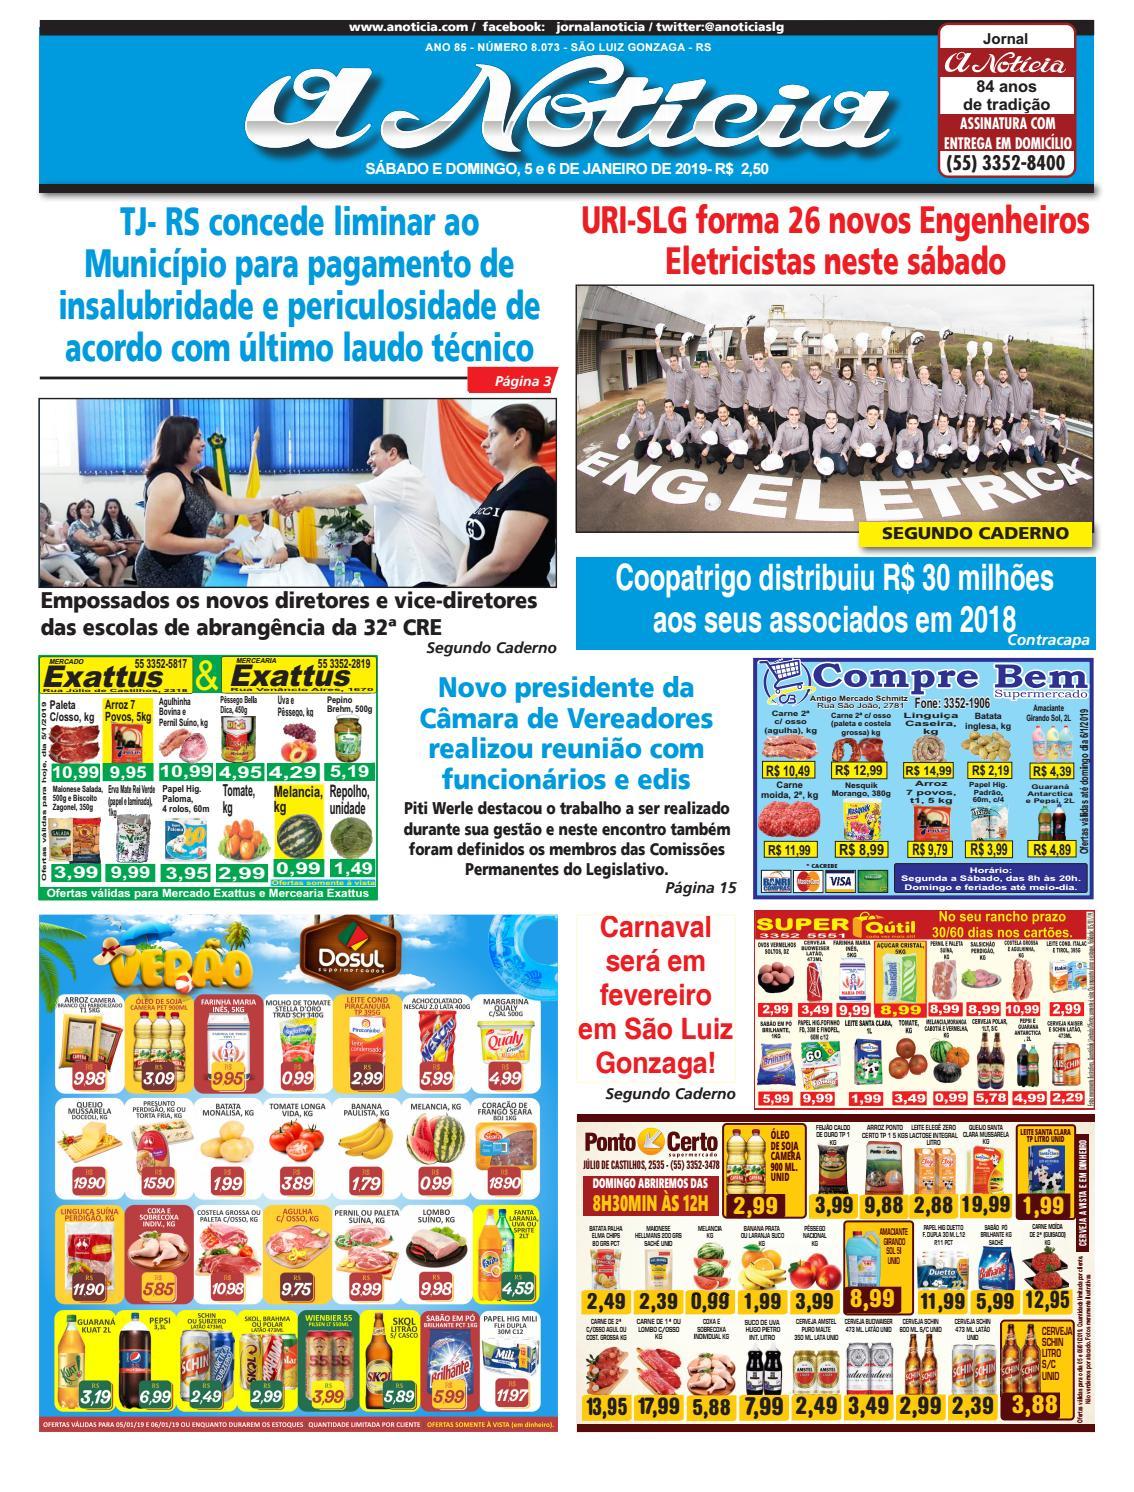 ef75da131fb Edição de 5 e 6 de janeiro de 2019 by Jornal A Notícia - issuu